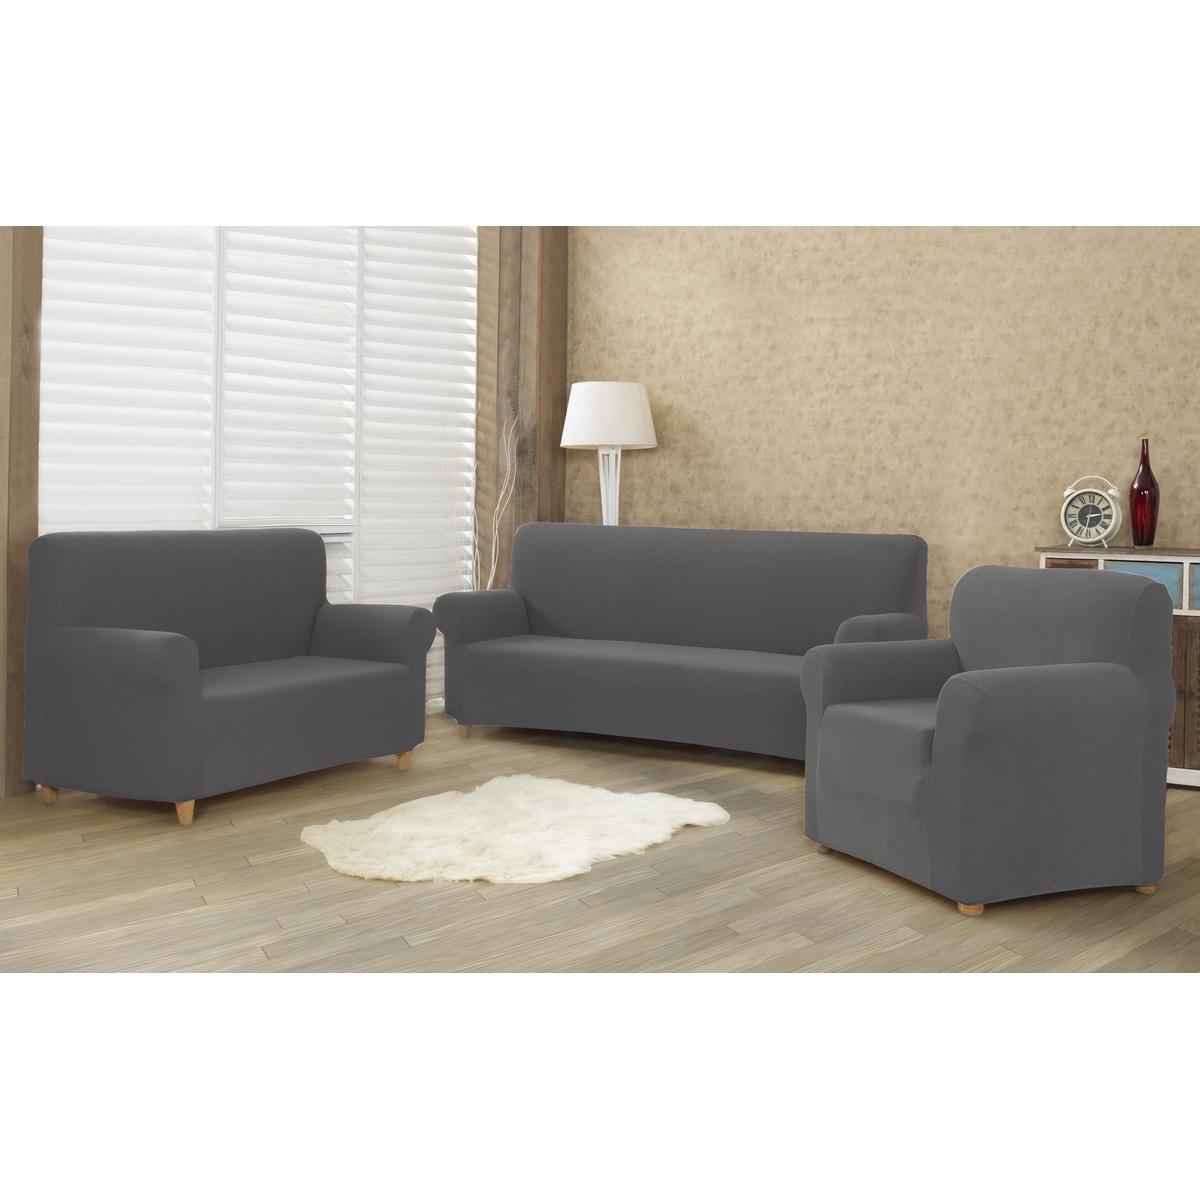 4Home Multielastyczny pokrowiec na kanapę 2-os. Comfort, szary, 140 - 180 cm, 140 - 180 cm